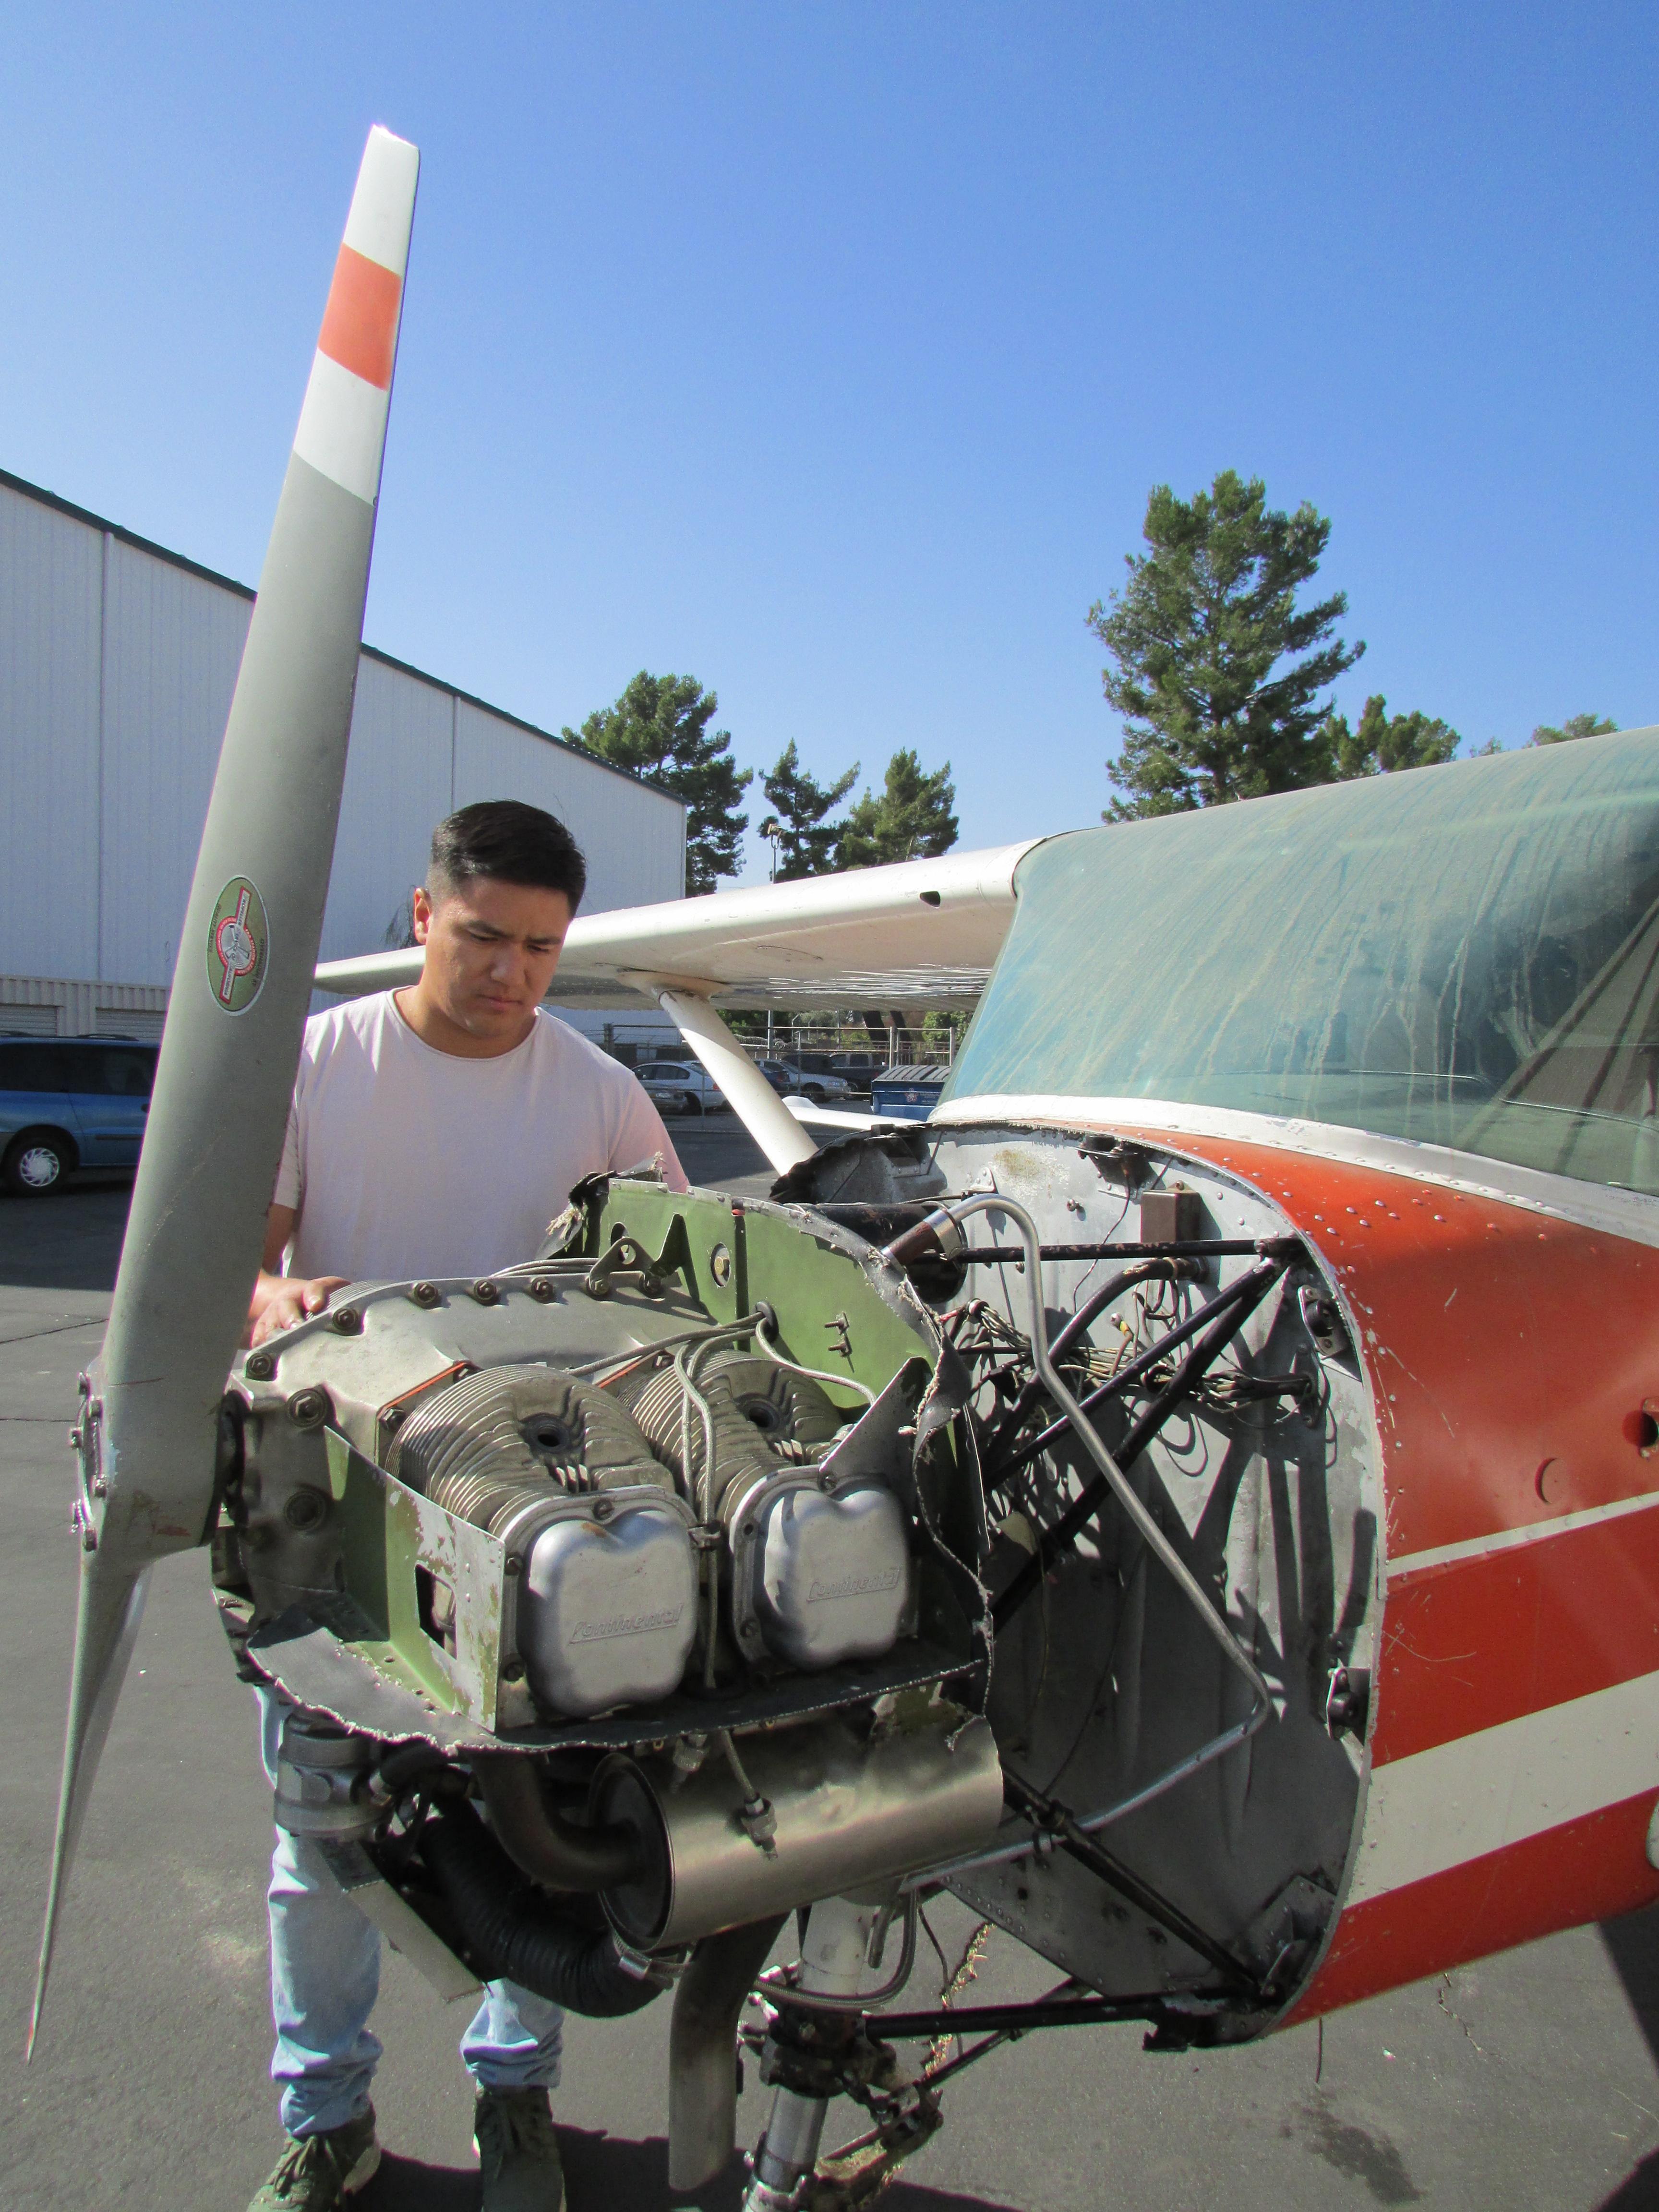 Edgardo Vásquez está muy emocionado porque se le hará el sueño de ser mecánico de aviones. (Araceli Martínez/La Opinión).